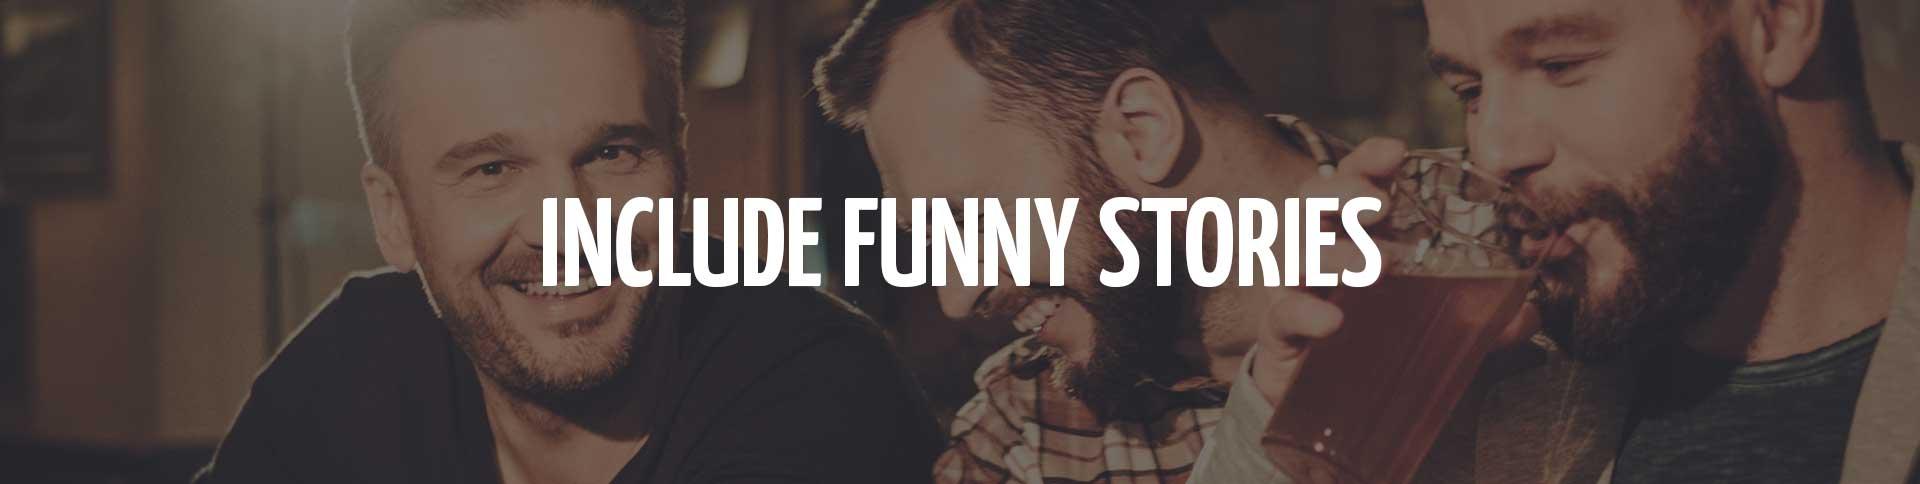 Funny stories best man speech